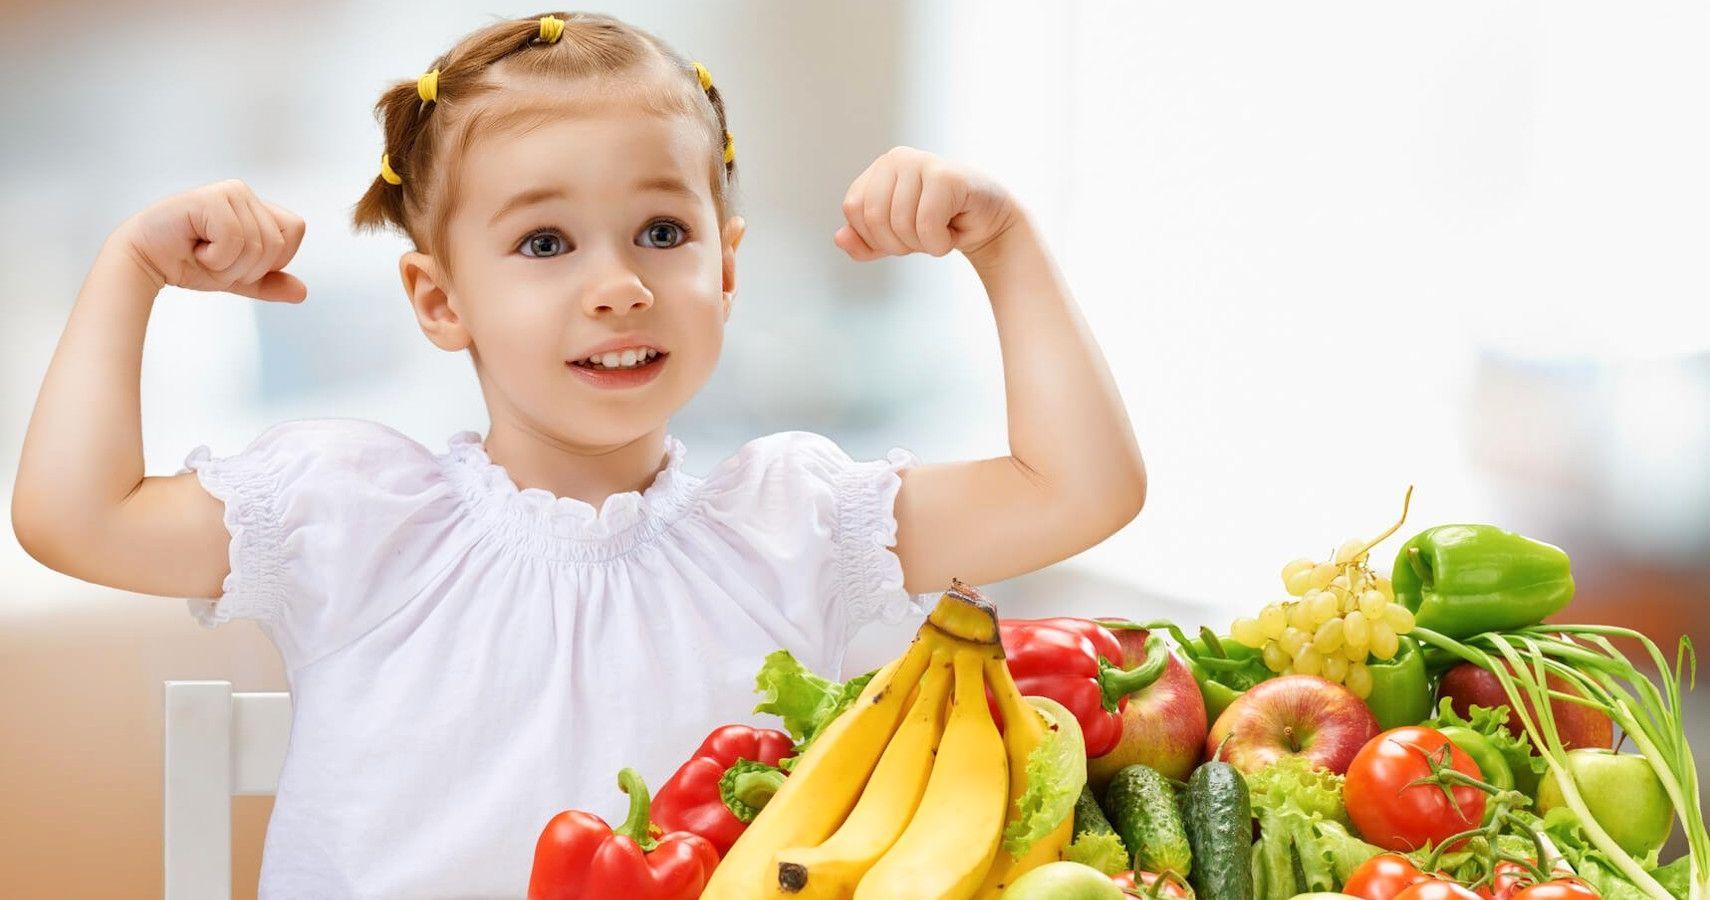 أغذية لتعزيز مناعة الأطفال